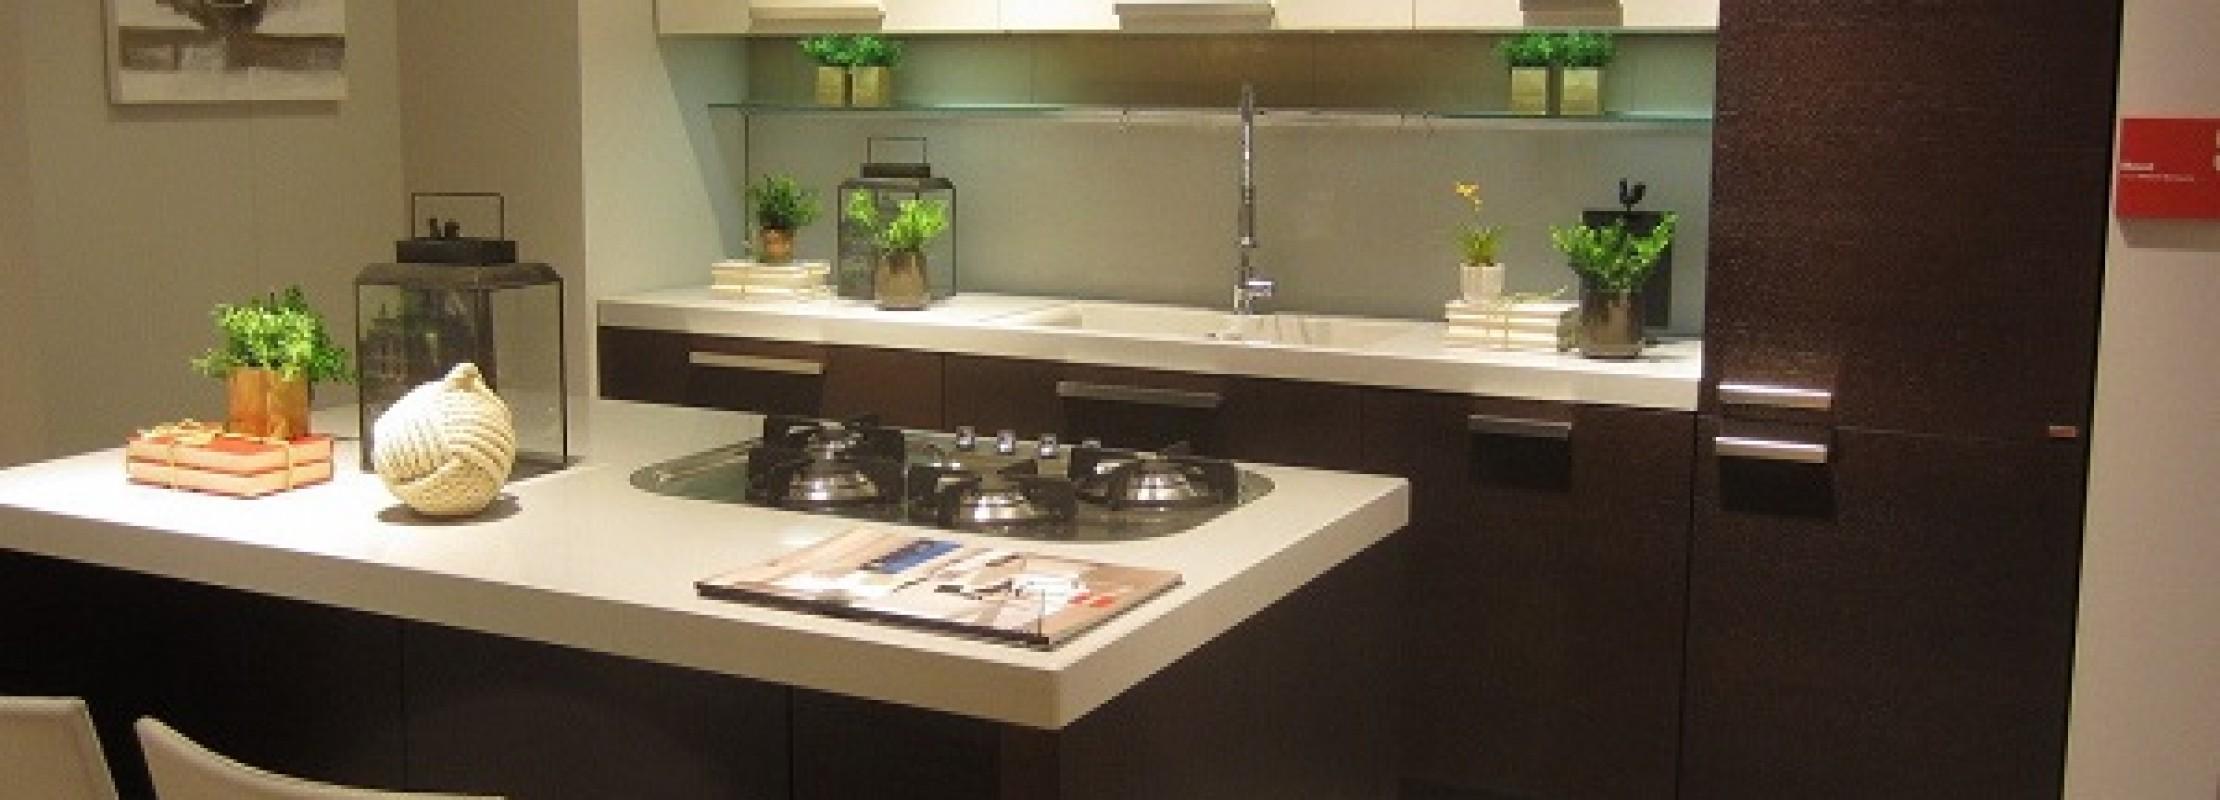 Cucina moderna con isola, idee e consigli -   Blog Edilnet